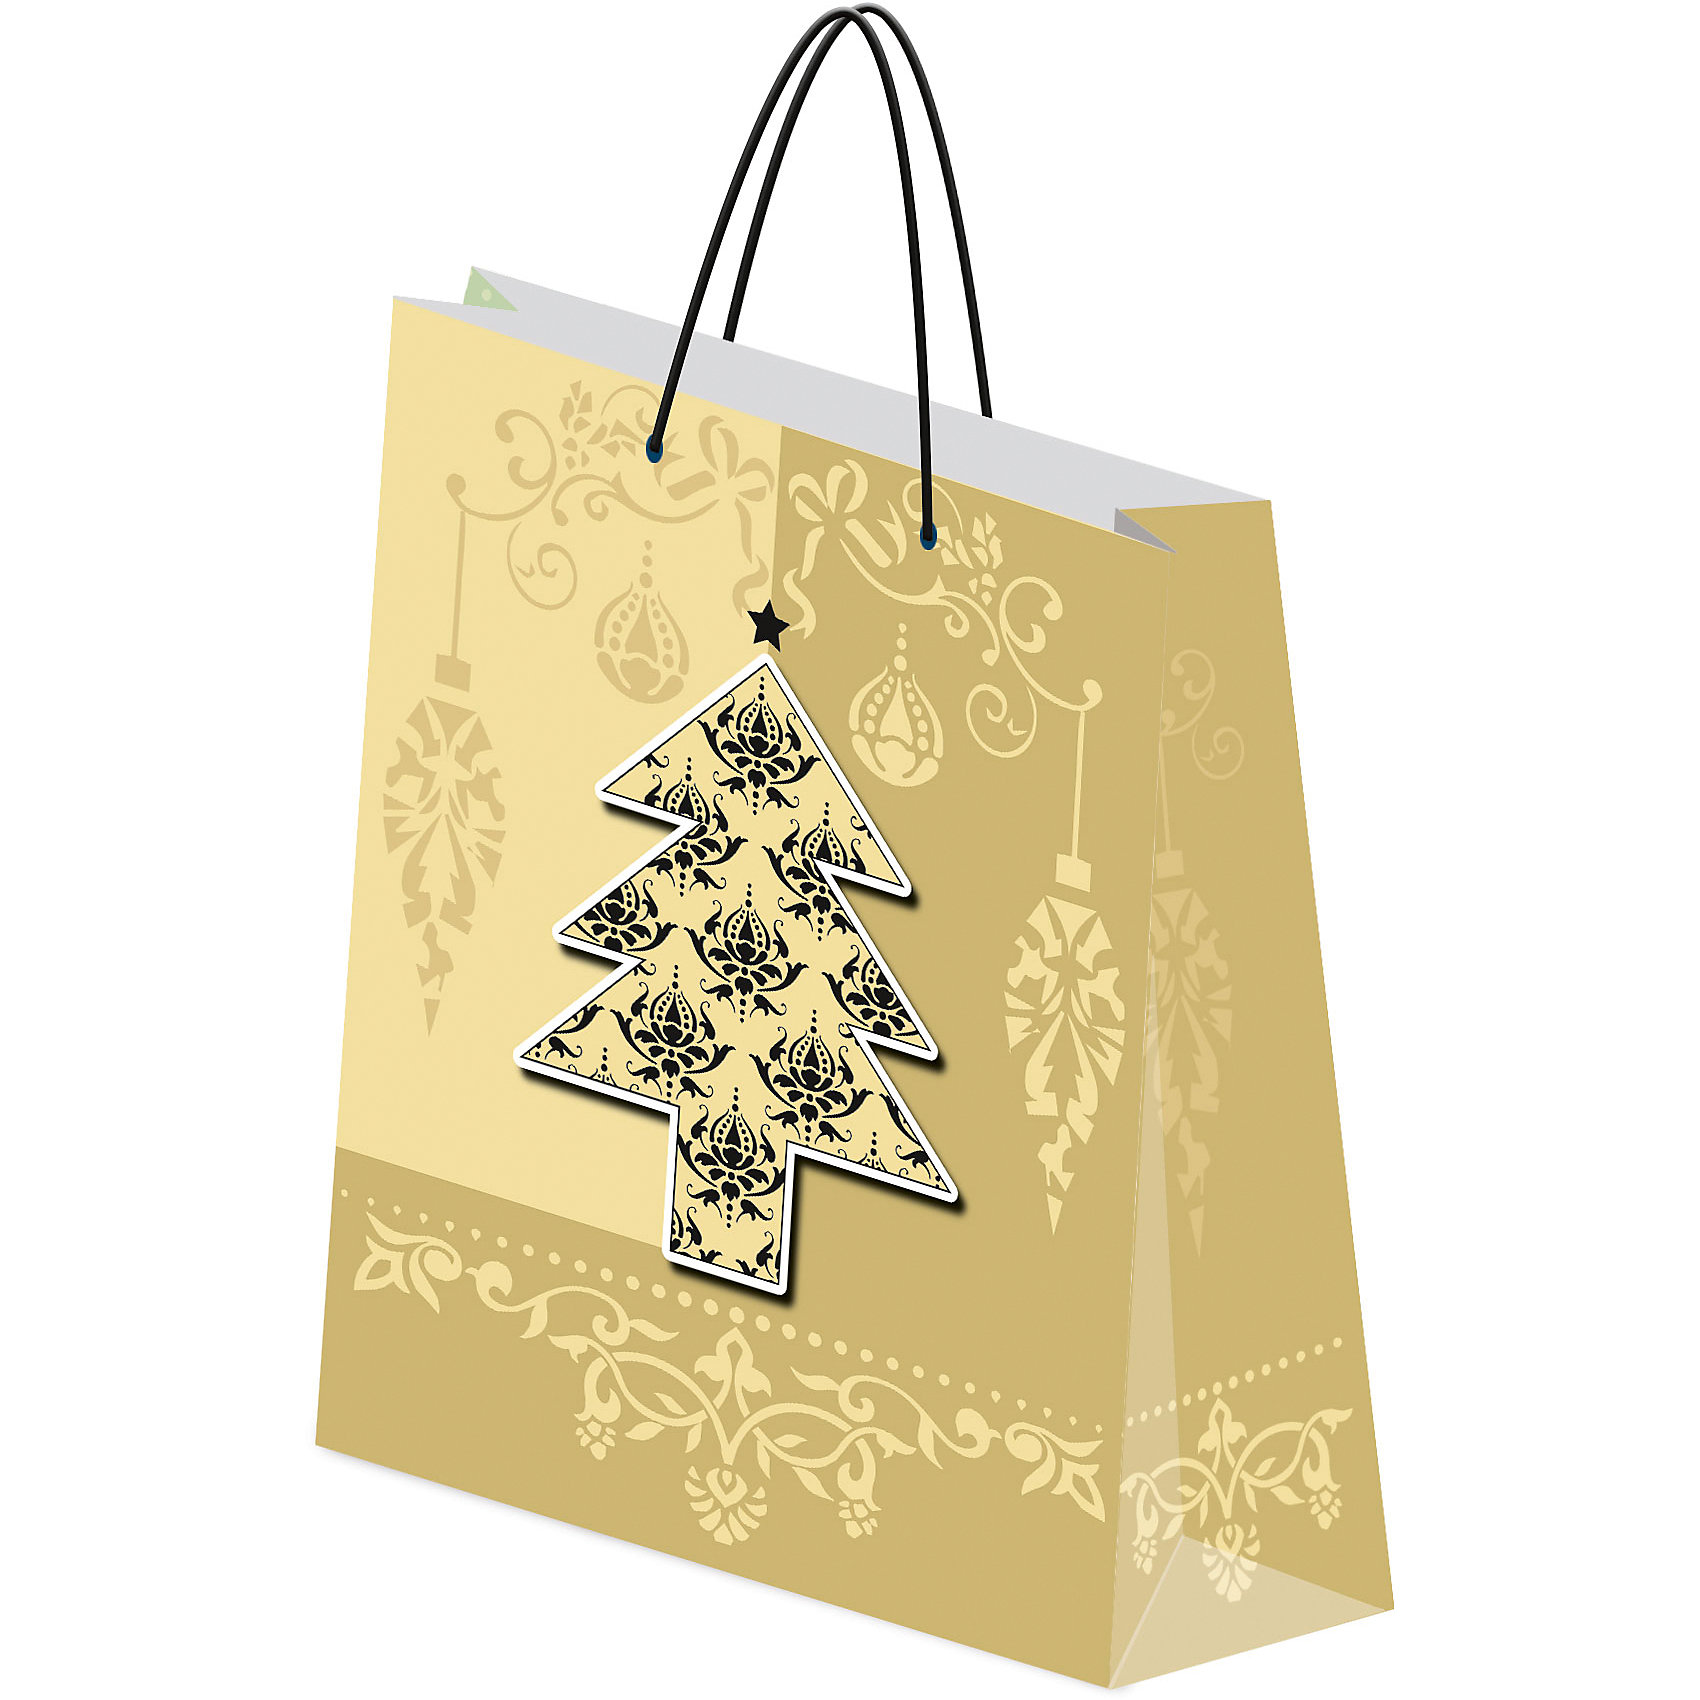 Подарочный пакет Новогодний 20*27*9,8 см с 3D-эффектомКрасиво упакованный подарок приятно получать вдвойне! Прочный красивый пакет станет прекрасным дополнением к подарку.<br><br>Дополнительная информация:<br><br>- Материал: бумага.<br>- Размер: 20 х 27 х 9,8 cм.<br>- Эффект: 3D, глиттер, матовая ламинация.<br>- Ручки - ленточки. <br><br>Подарочный пакет Новогодний, 20х27х9,8 см с 3D-эффектом, можно купить в нашем магазине.<br><br>Ширина мм: 2<br>Глубина мм: 20<br>Высота мм: 27<br>Вес г: 60<br>Возраст от месяцев: 84<br>Возраст до месяцев: 2147483647<br>Пол: Унисекс<br>Возраст: Детский<br>SKU: 4381381